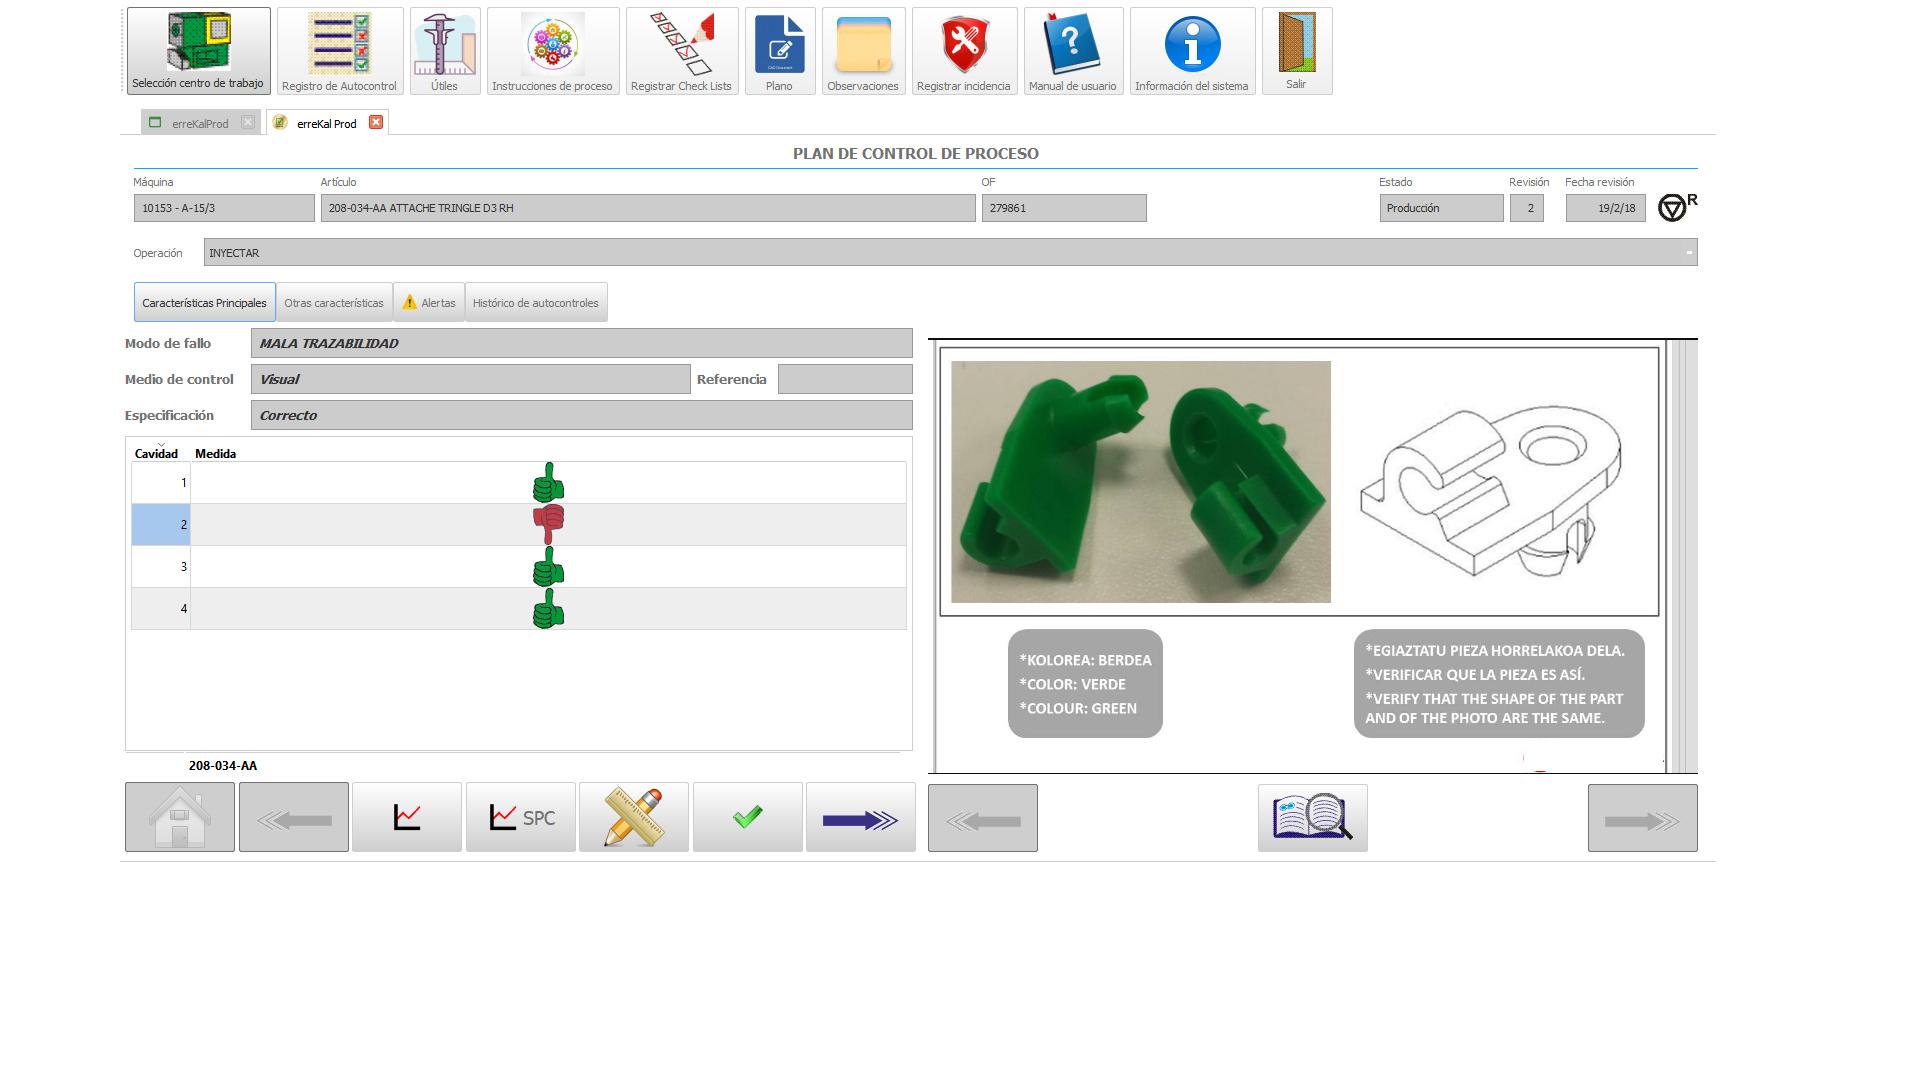 Introducción y validación de medidas en planta 1 de 2